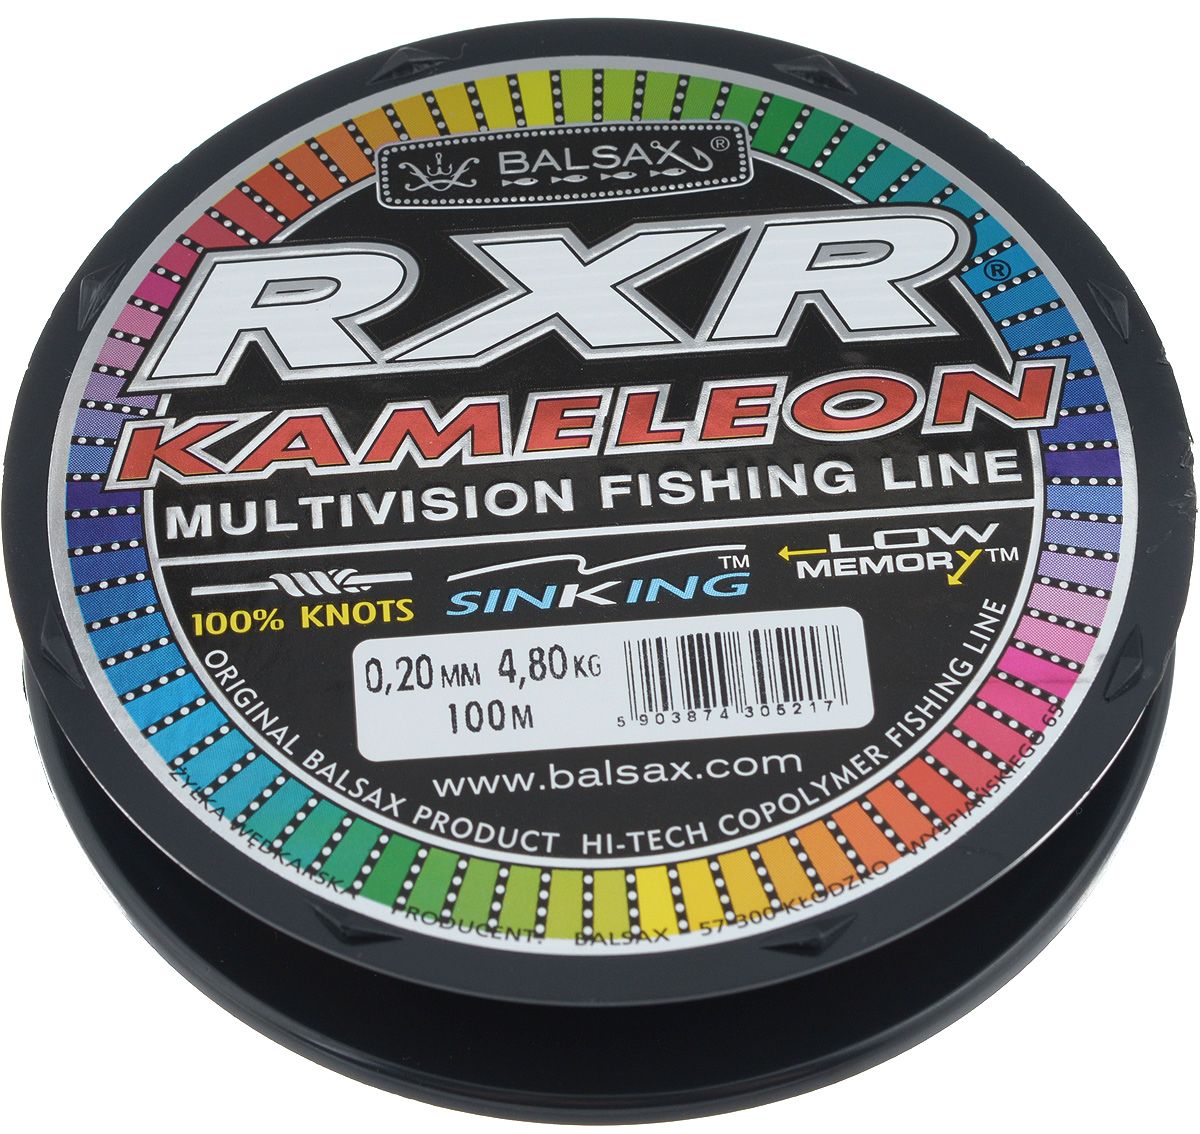 Леска Balsax RXR Kameleon, 100 м, 0,20 мм, 4,8 кгPGPS7797CIS08GBNVЛеска последнего поколения Balsax RXR Kameleon выполнена из 100% нейлона и не боится истирания. Благодаря особым условиям производства, она способна изменять цвет, приспосабливаясь к внешним условиям. Тесты показали, что такая леска отличается высокой прочностью при растяжении и прочностью в местах вязки узлов. Она не меняет форму и не скручивается. Леска Balsax RXR Kameleon позволяет надежнее засечь рыбу и дает возможность чувствовать каждое движение приманки.